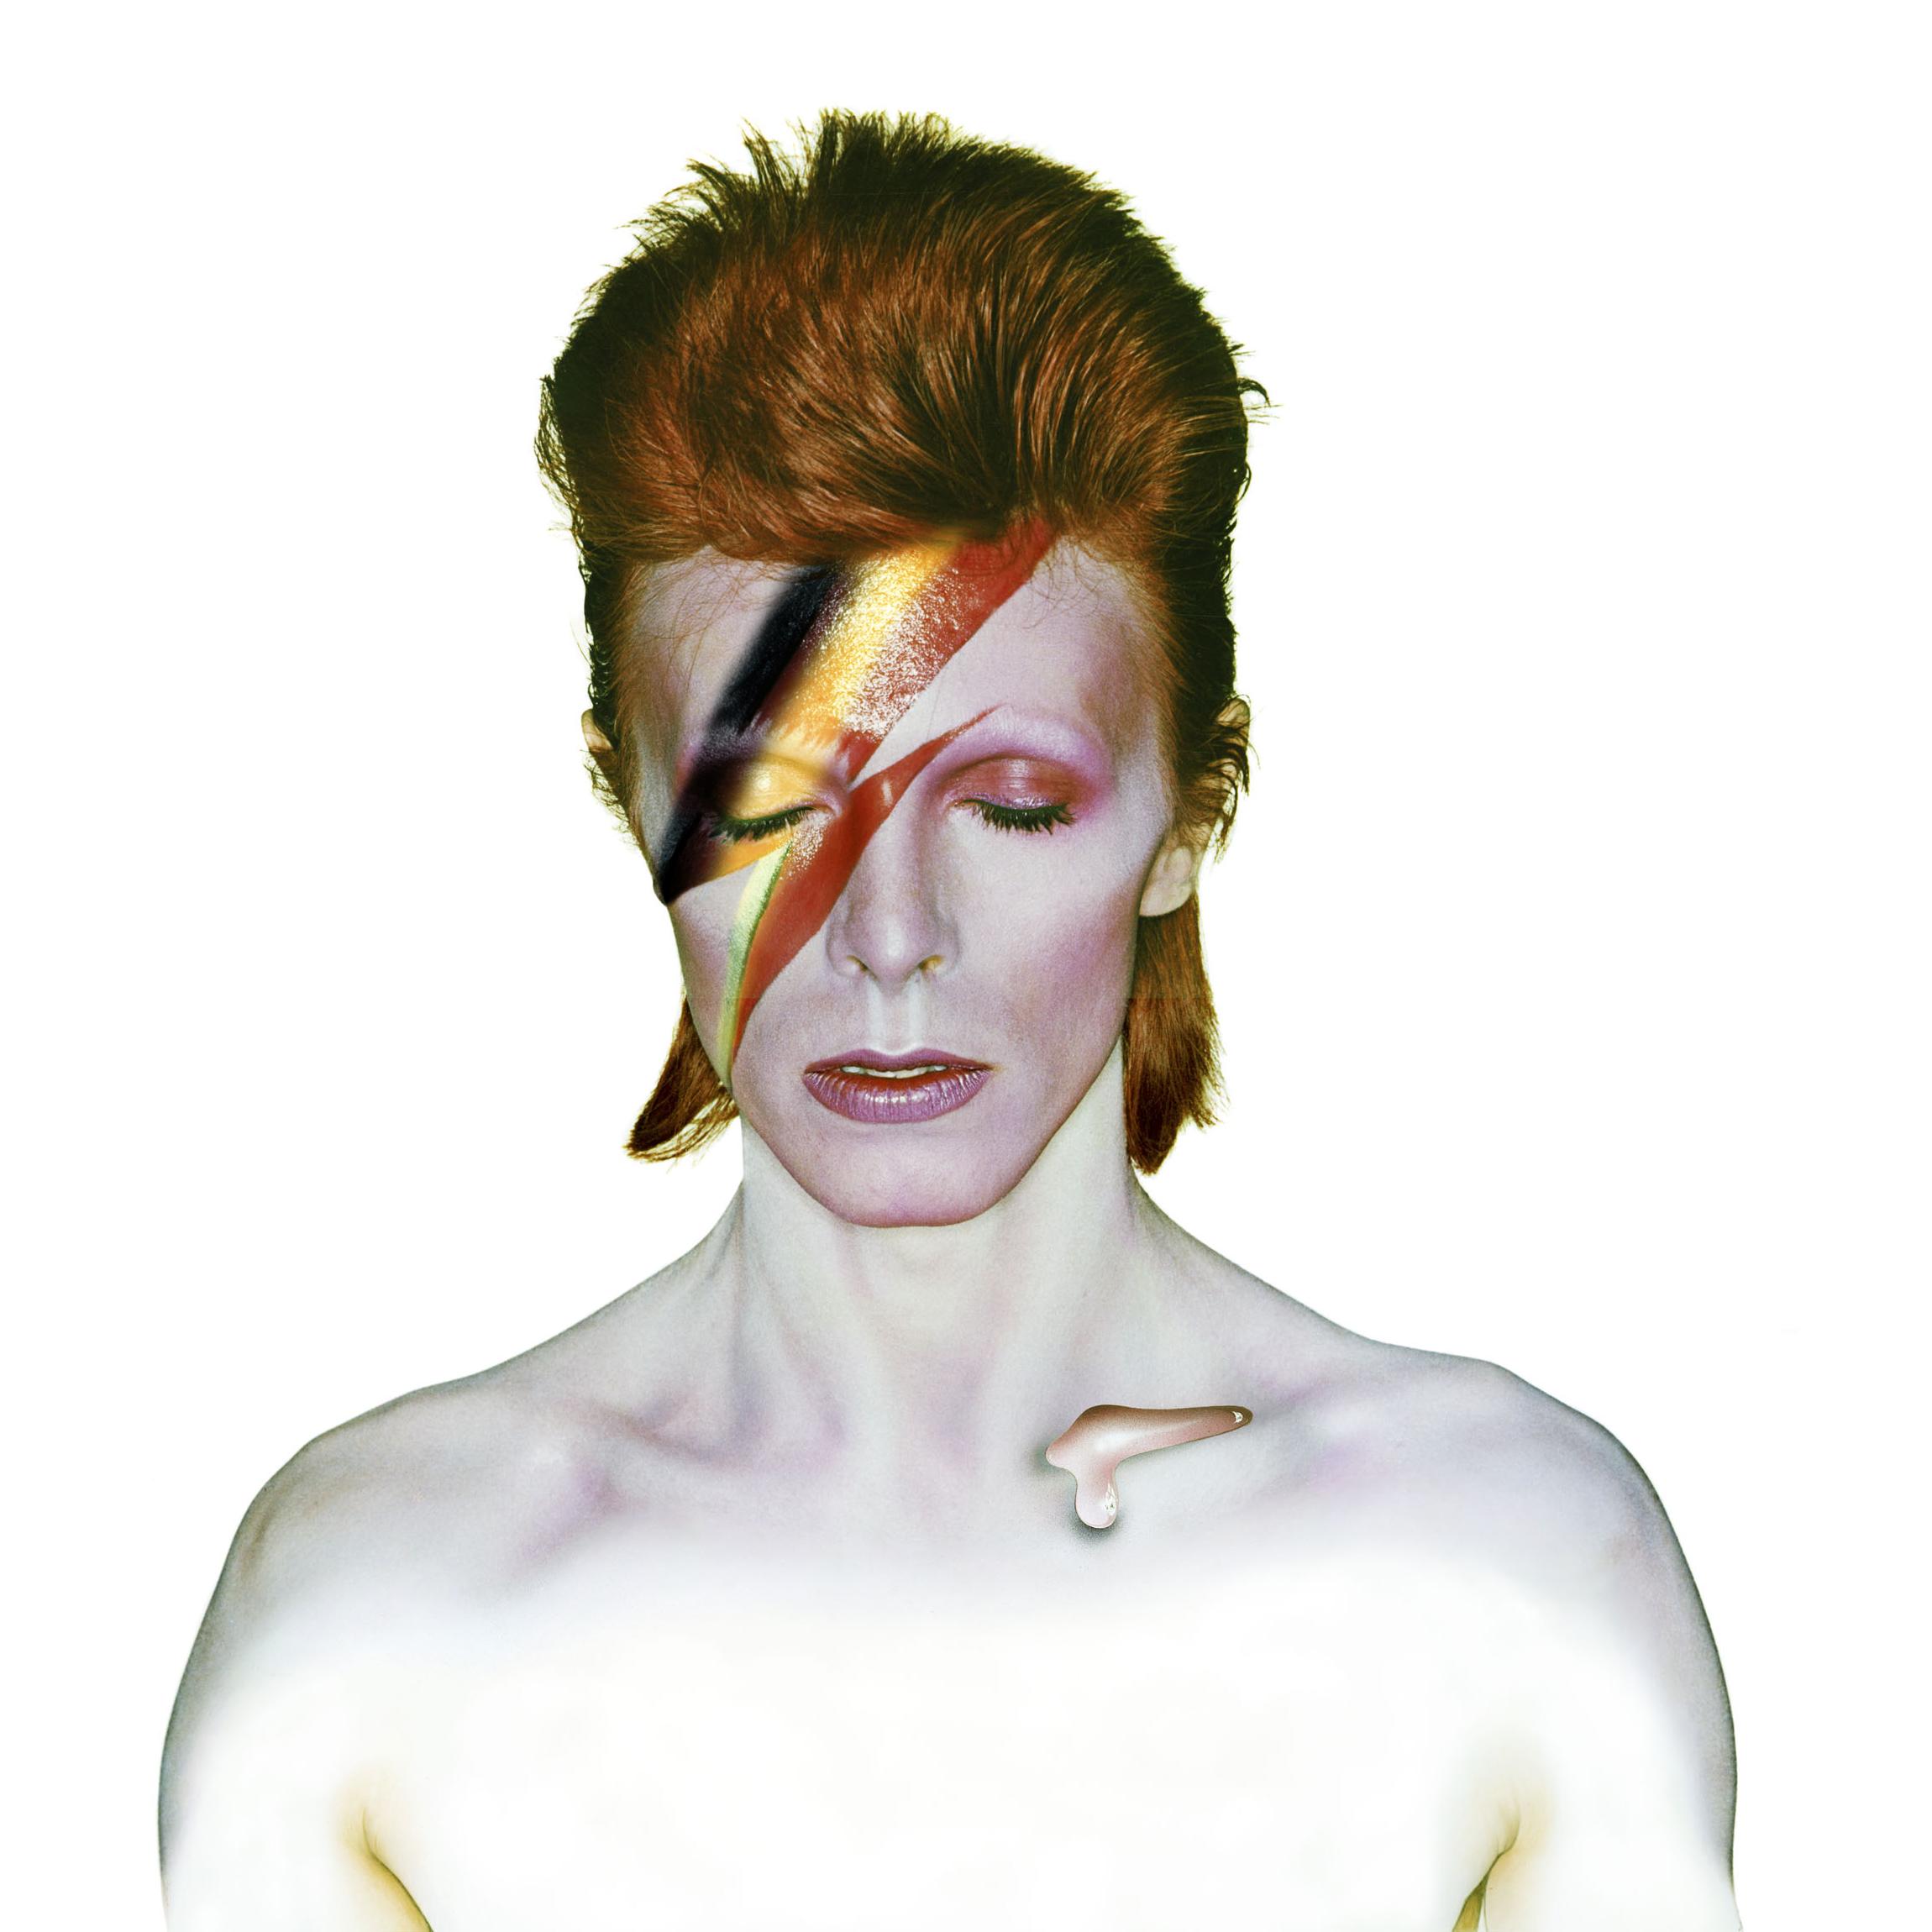 David Bowie, perronger og innovasjonskulde